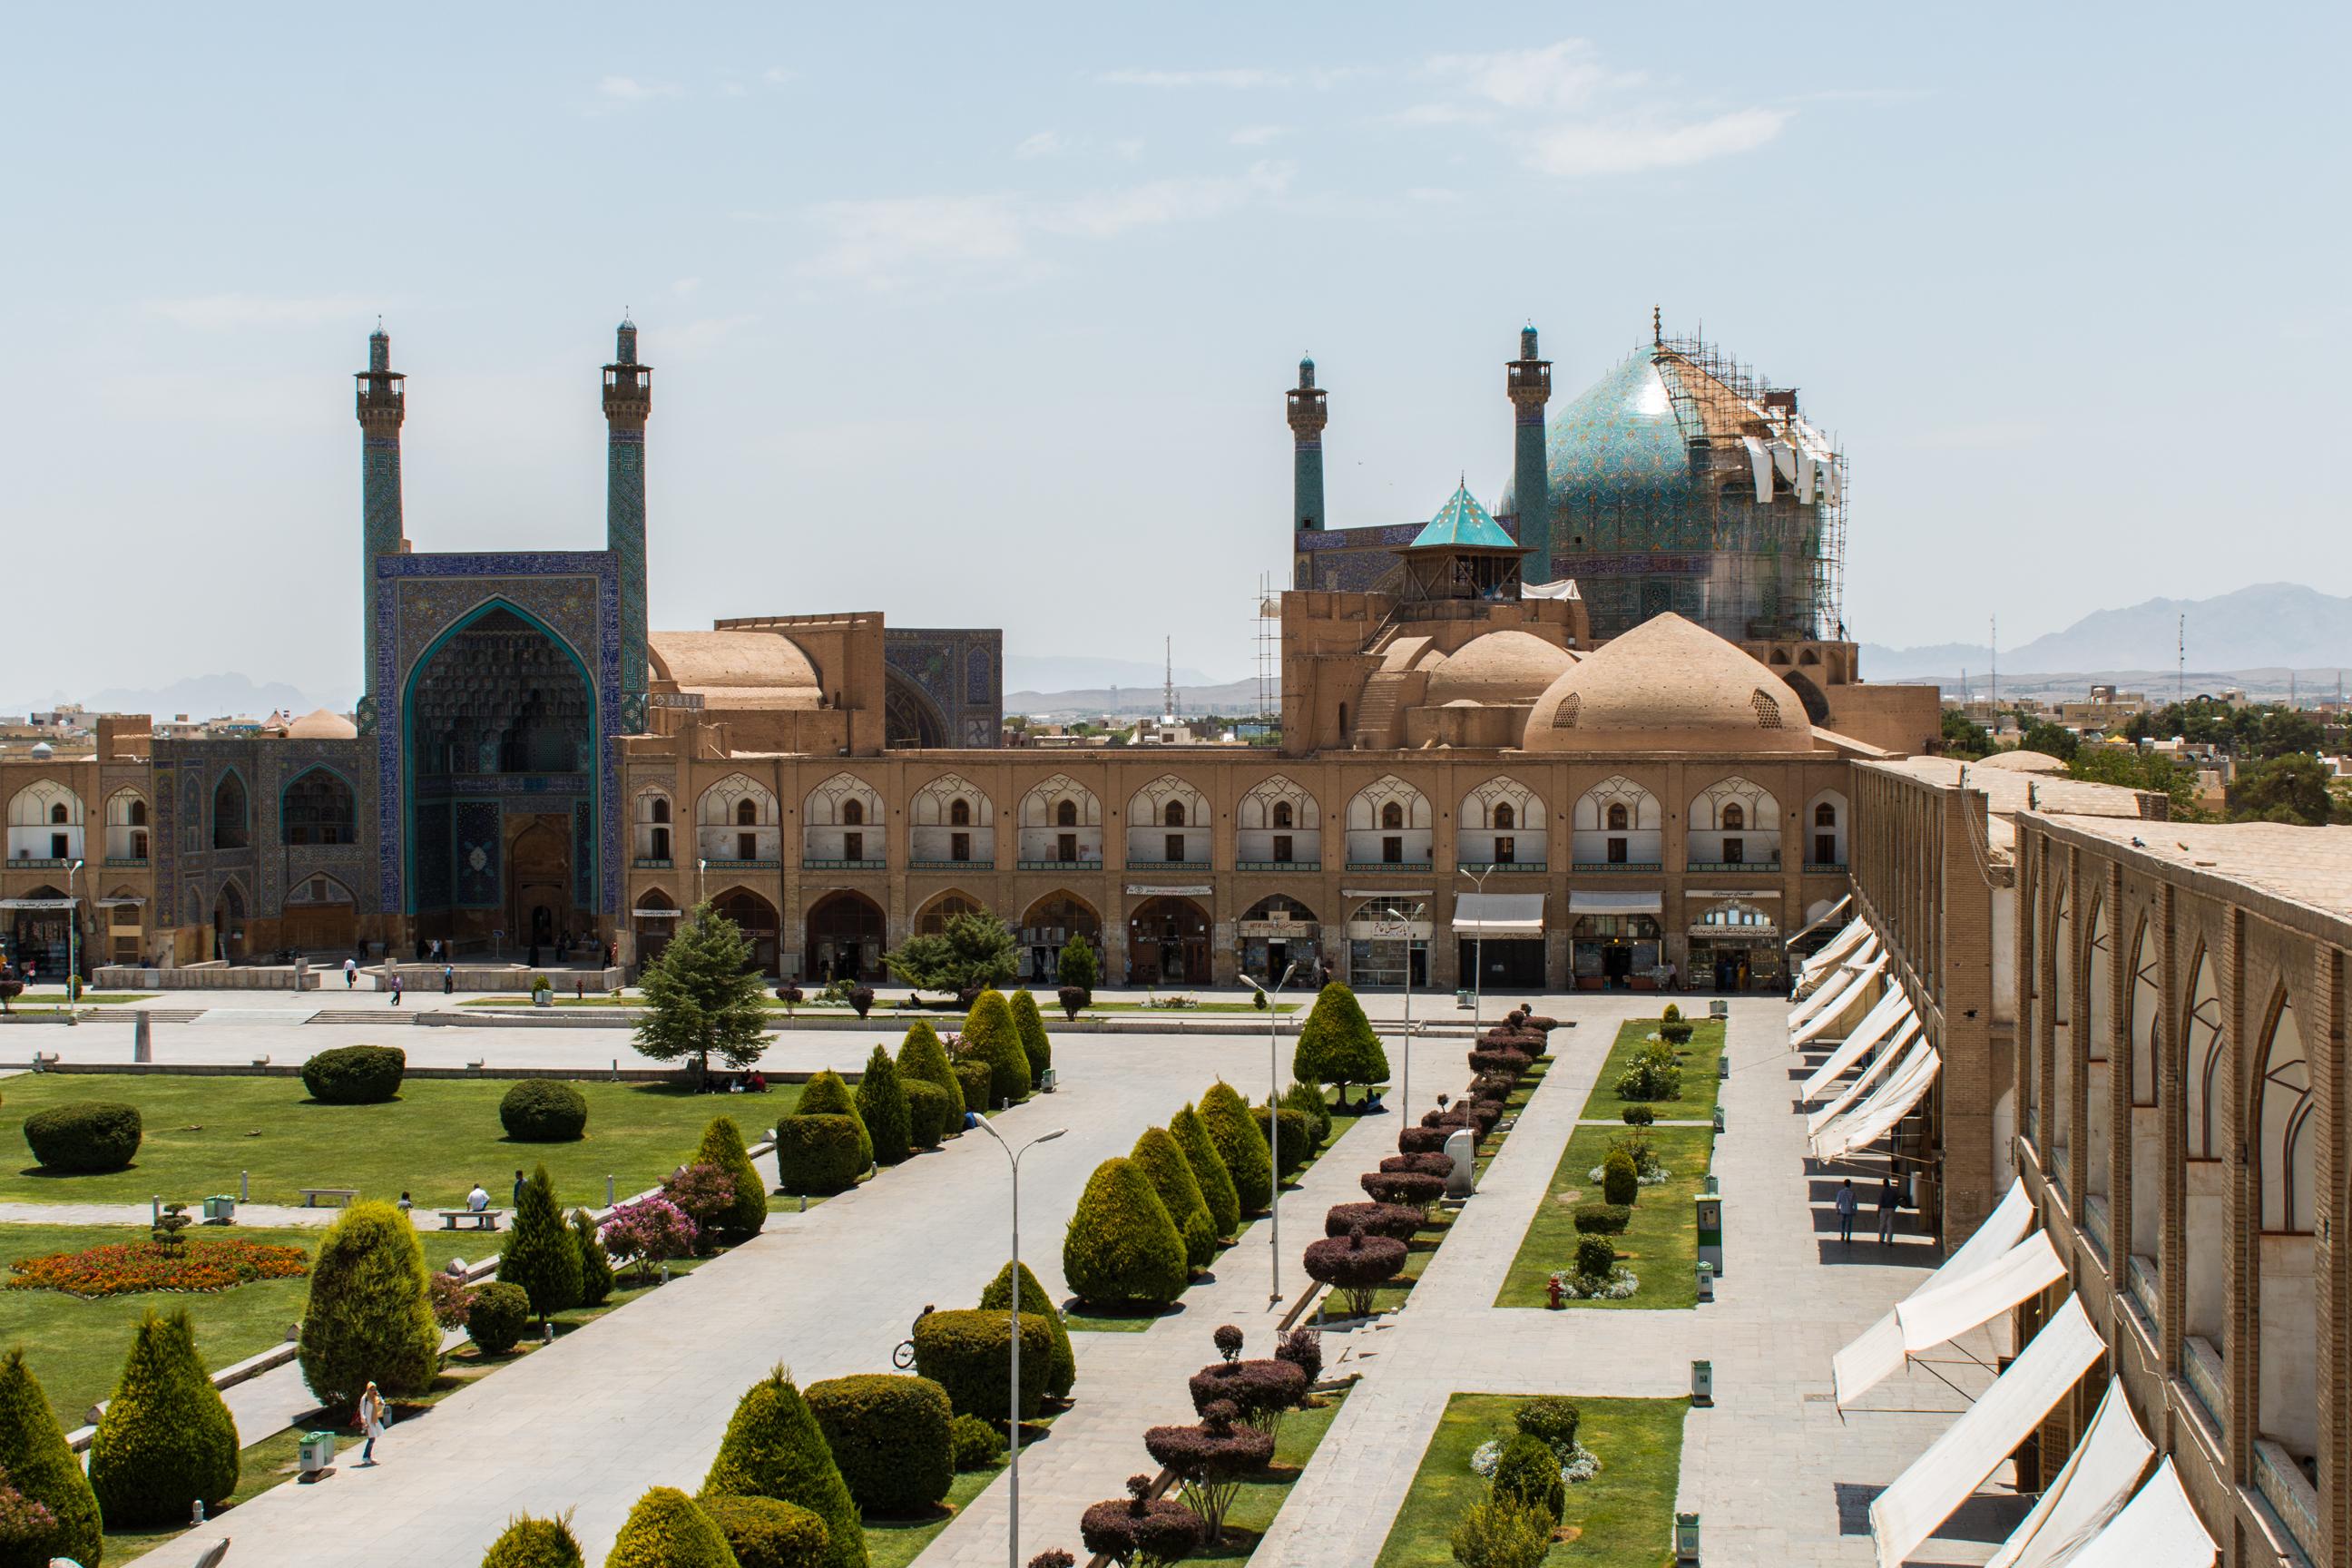 Meczet Shah przy placu Imama Homeiniego. Dach meczetu w trakcie renowacji. Meczet Shah posiada 4 minarety, które wznoszą się na 42 metry.